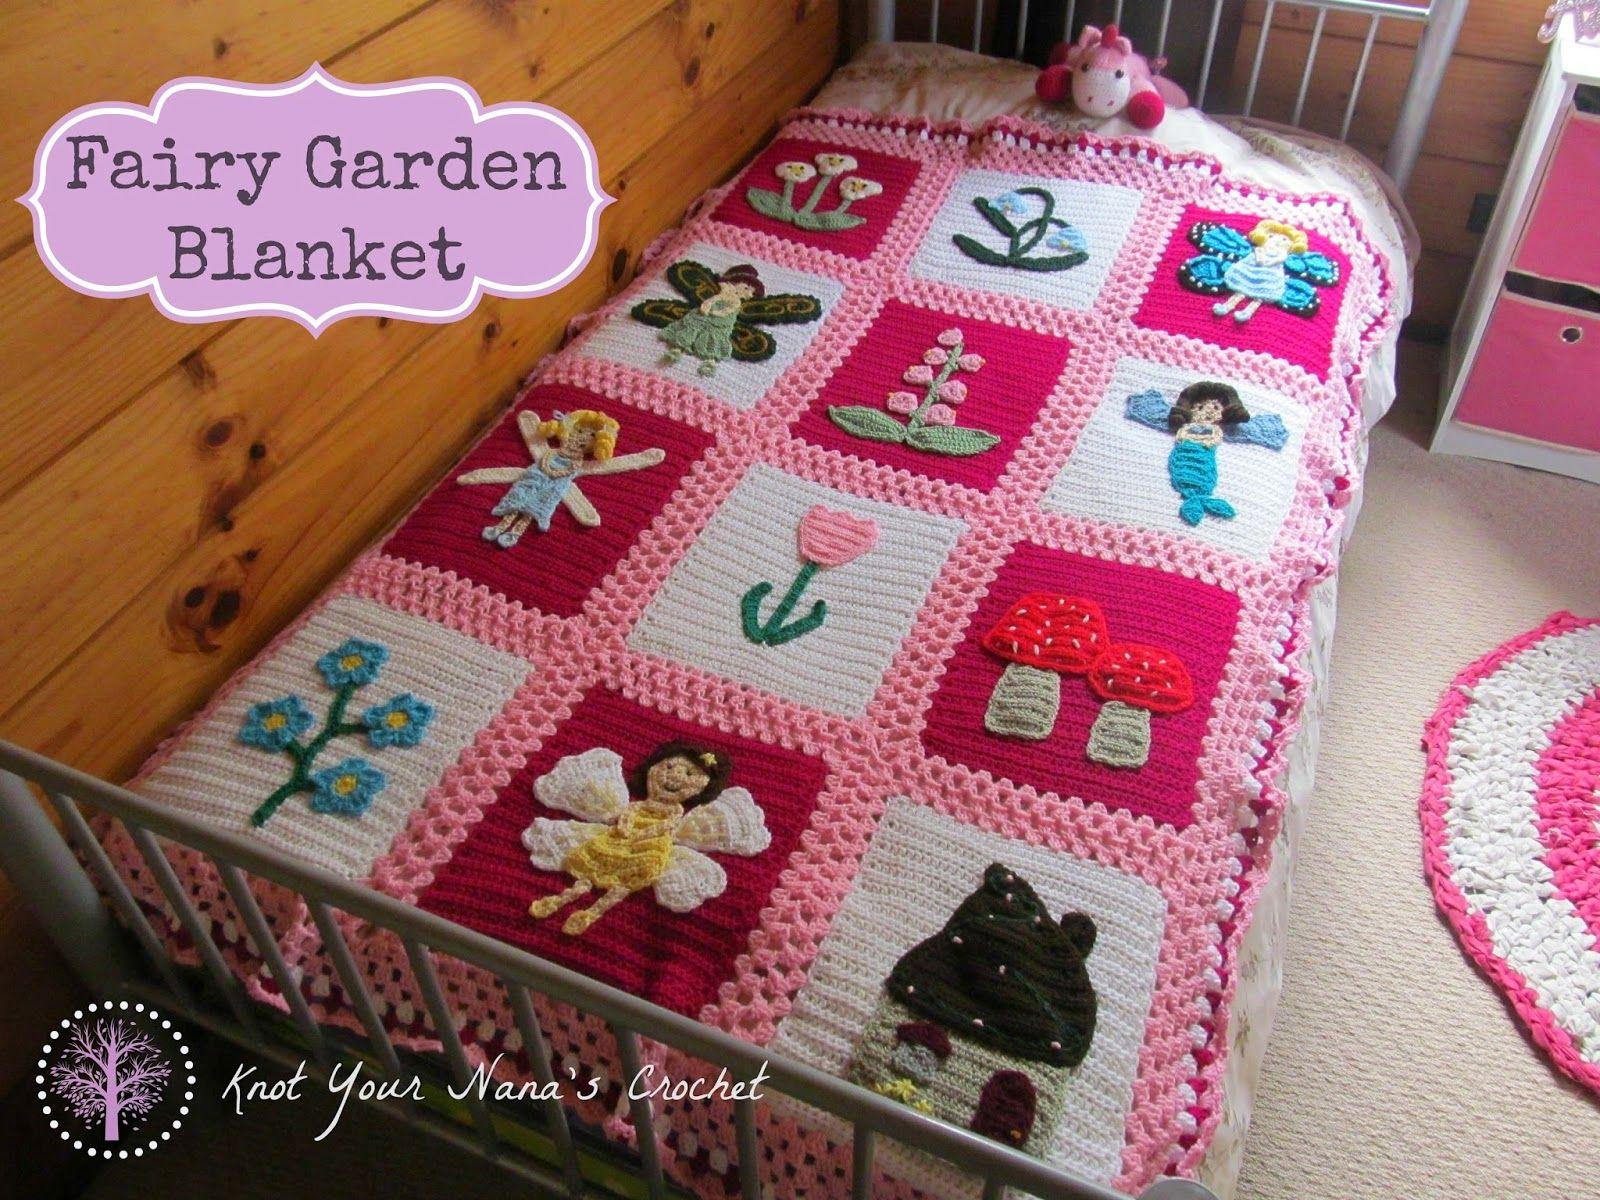 Knot Your Nana's Crochet: Fairy Garden Themed Blanket